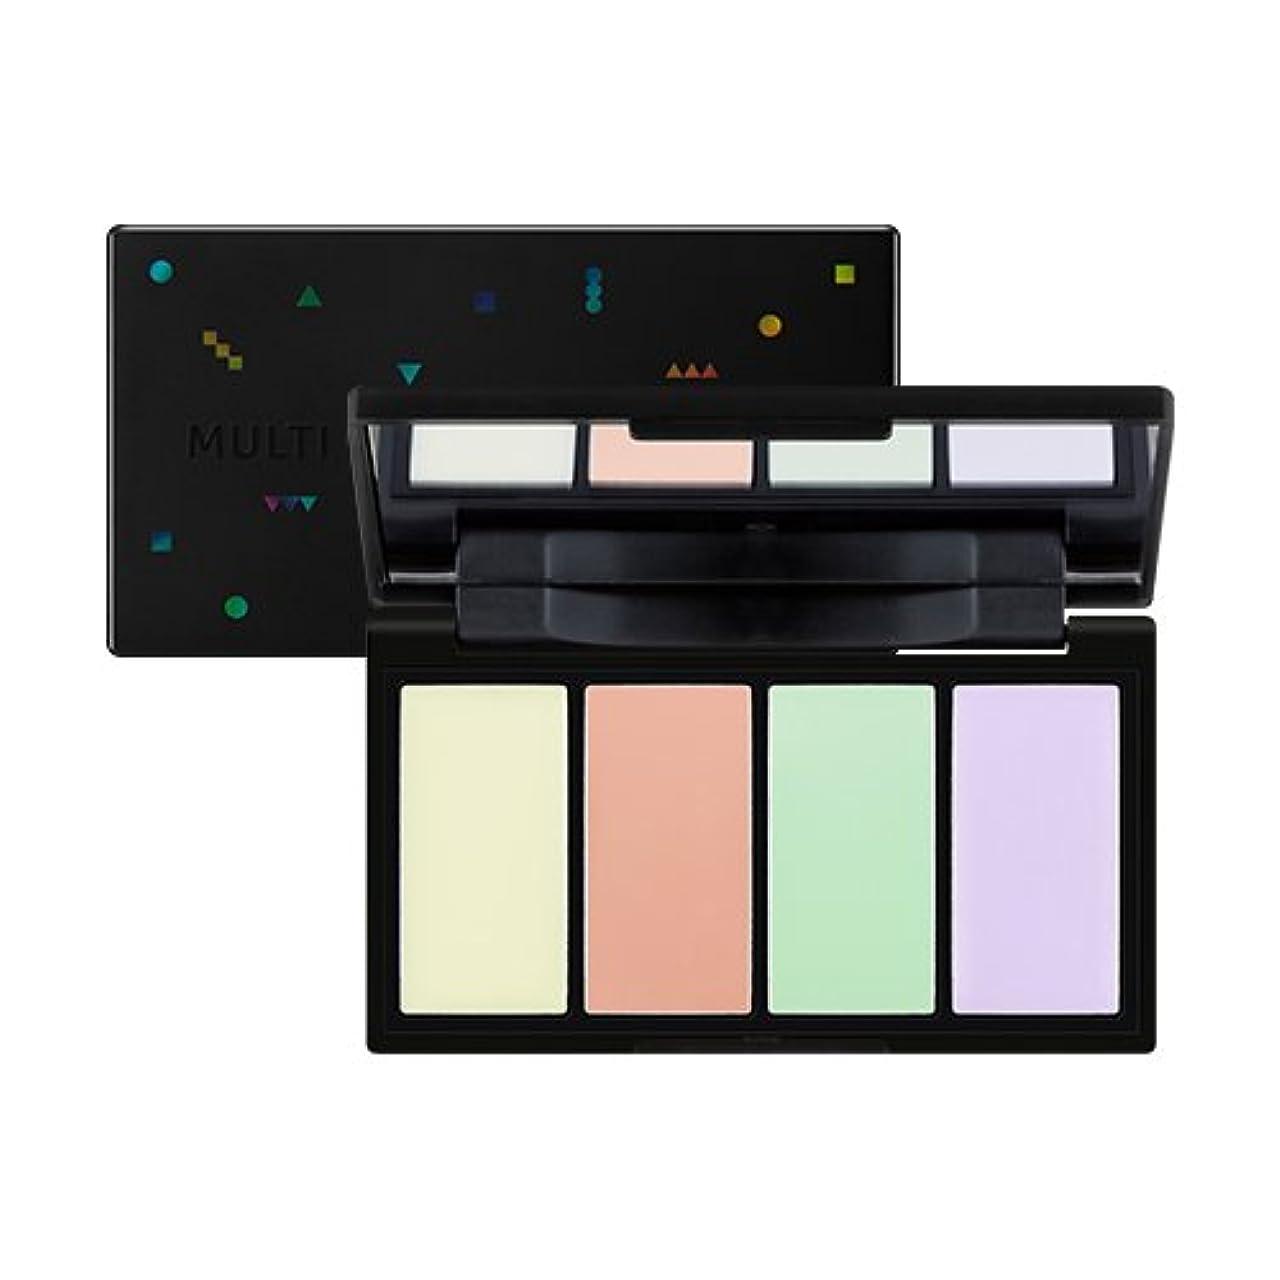 ひまわり多様体文化[New] MISSHA Multi Color Corrector/ミシャ マルチ カラー コレクター [並行輸入品]